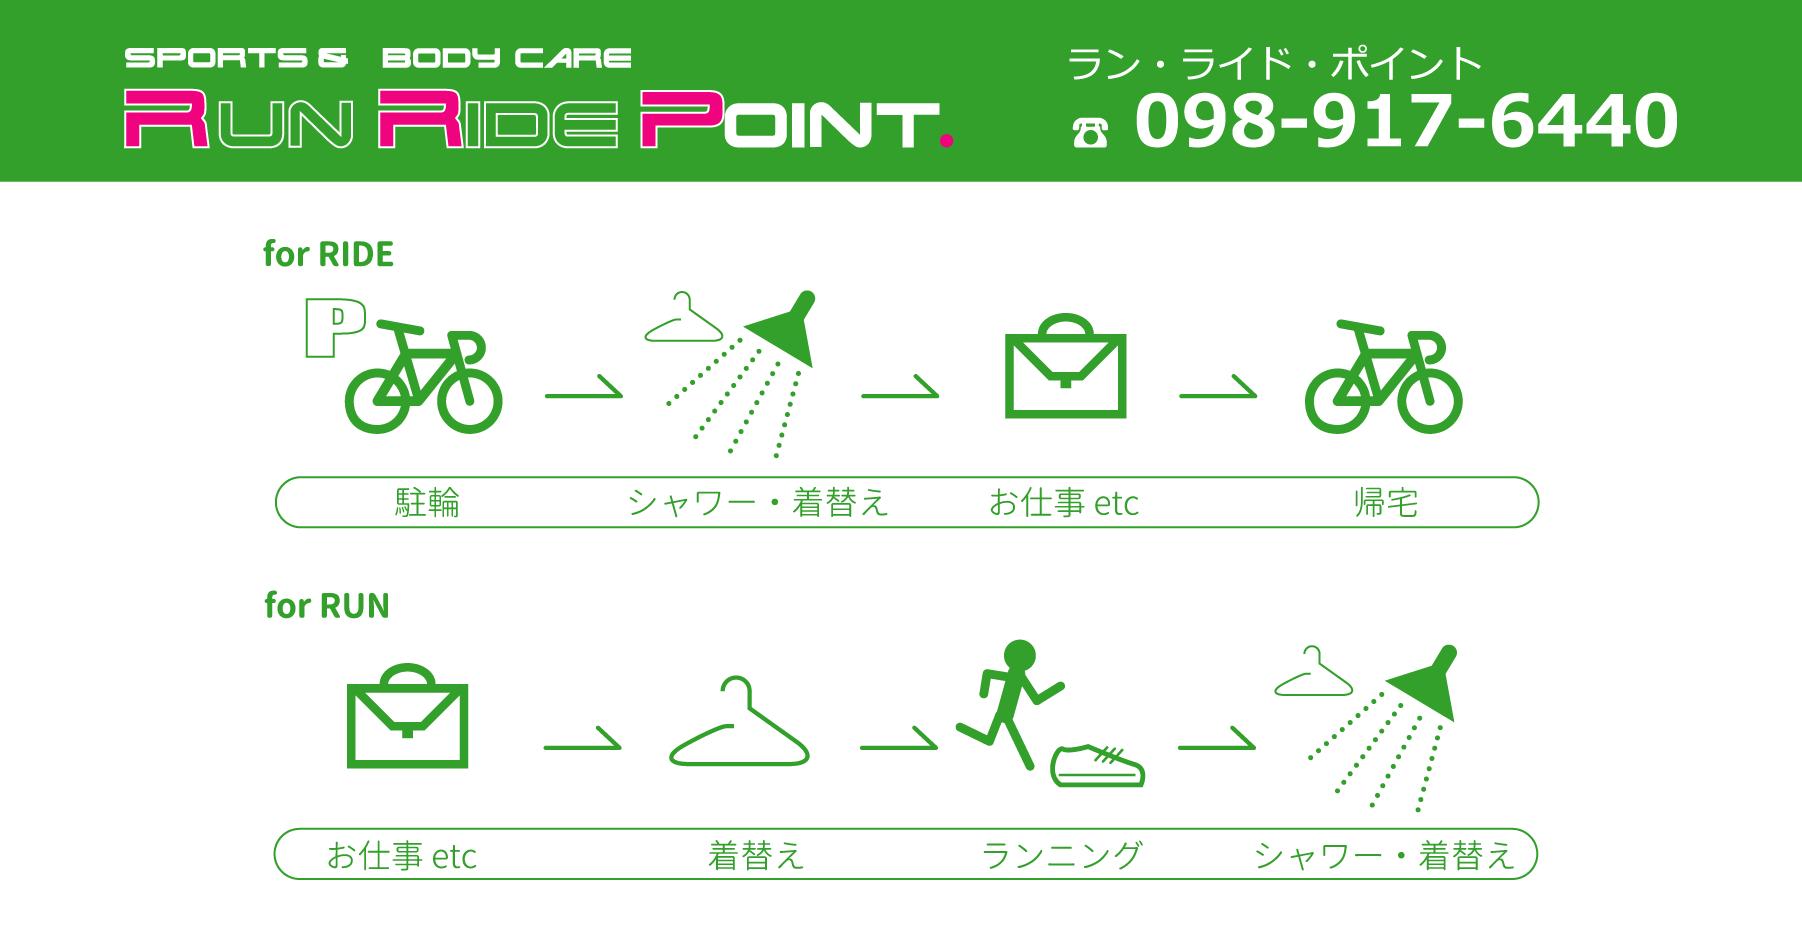 沖縄初のランニングステーション Run Ride POINT